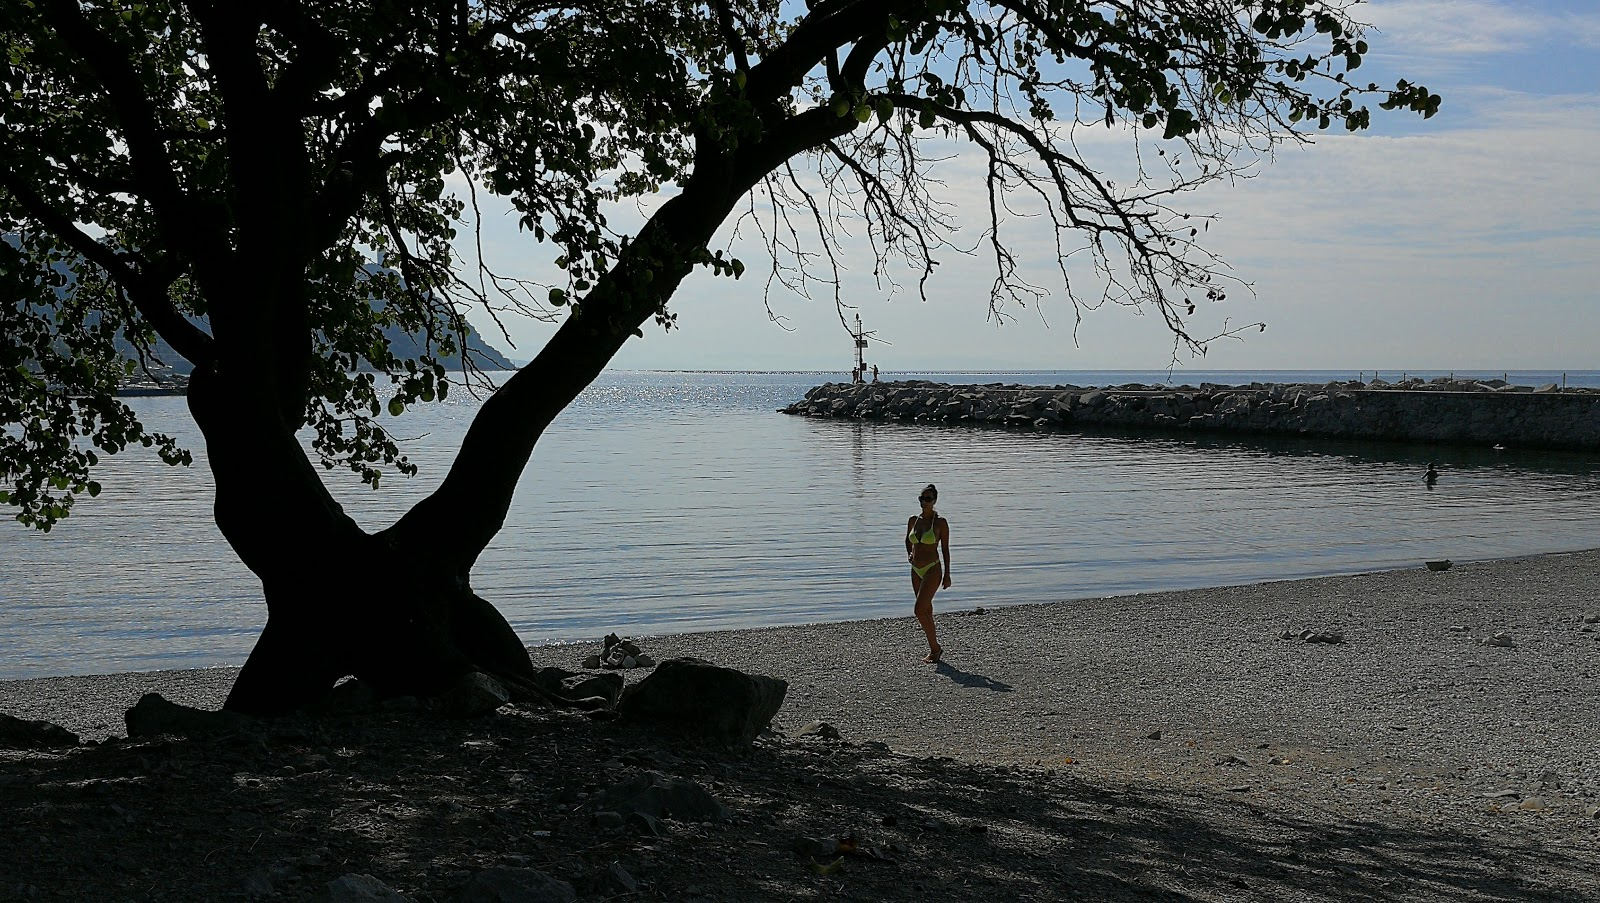 https://www.kempy-chaty.cz/sites/default/files/turistika/kempy_italie_16.jpg